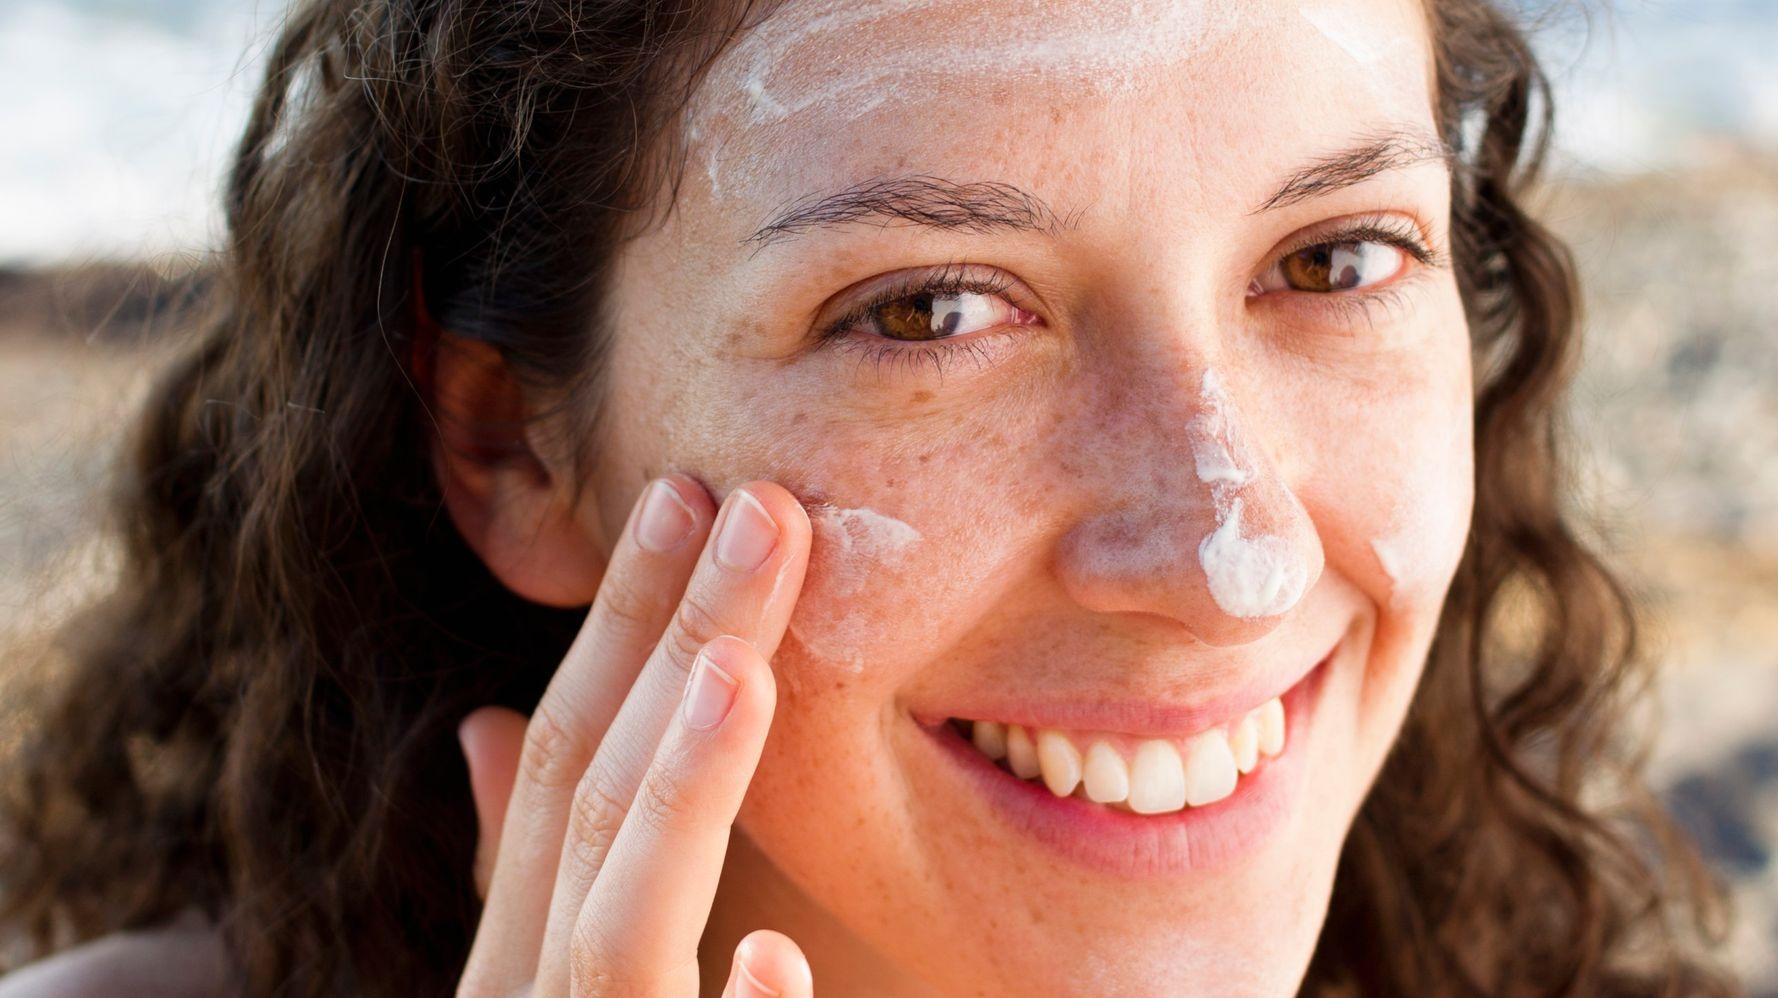 Mùa nào cũng có tia UV nên đồng nghĩa với việc mùa nào cũng cần dùng kem chống nắng.